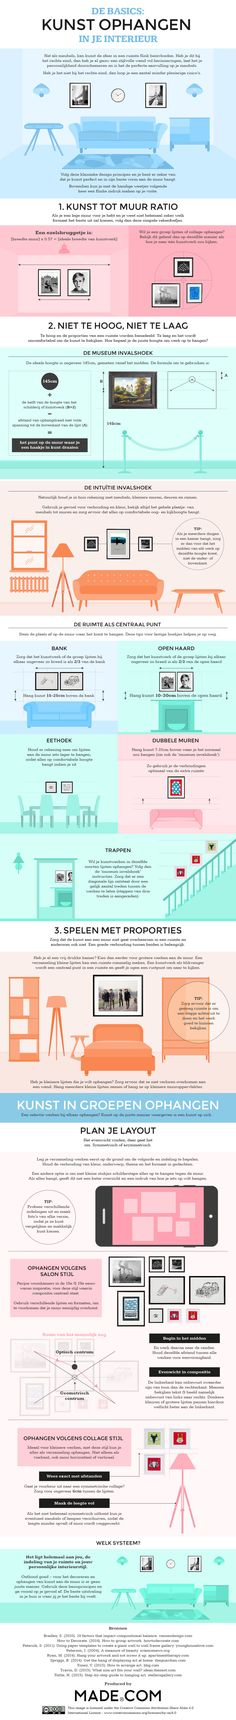 De basics van kunst ophangen in je interieur | infographic | made.com